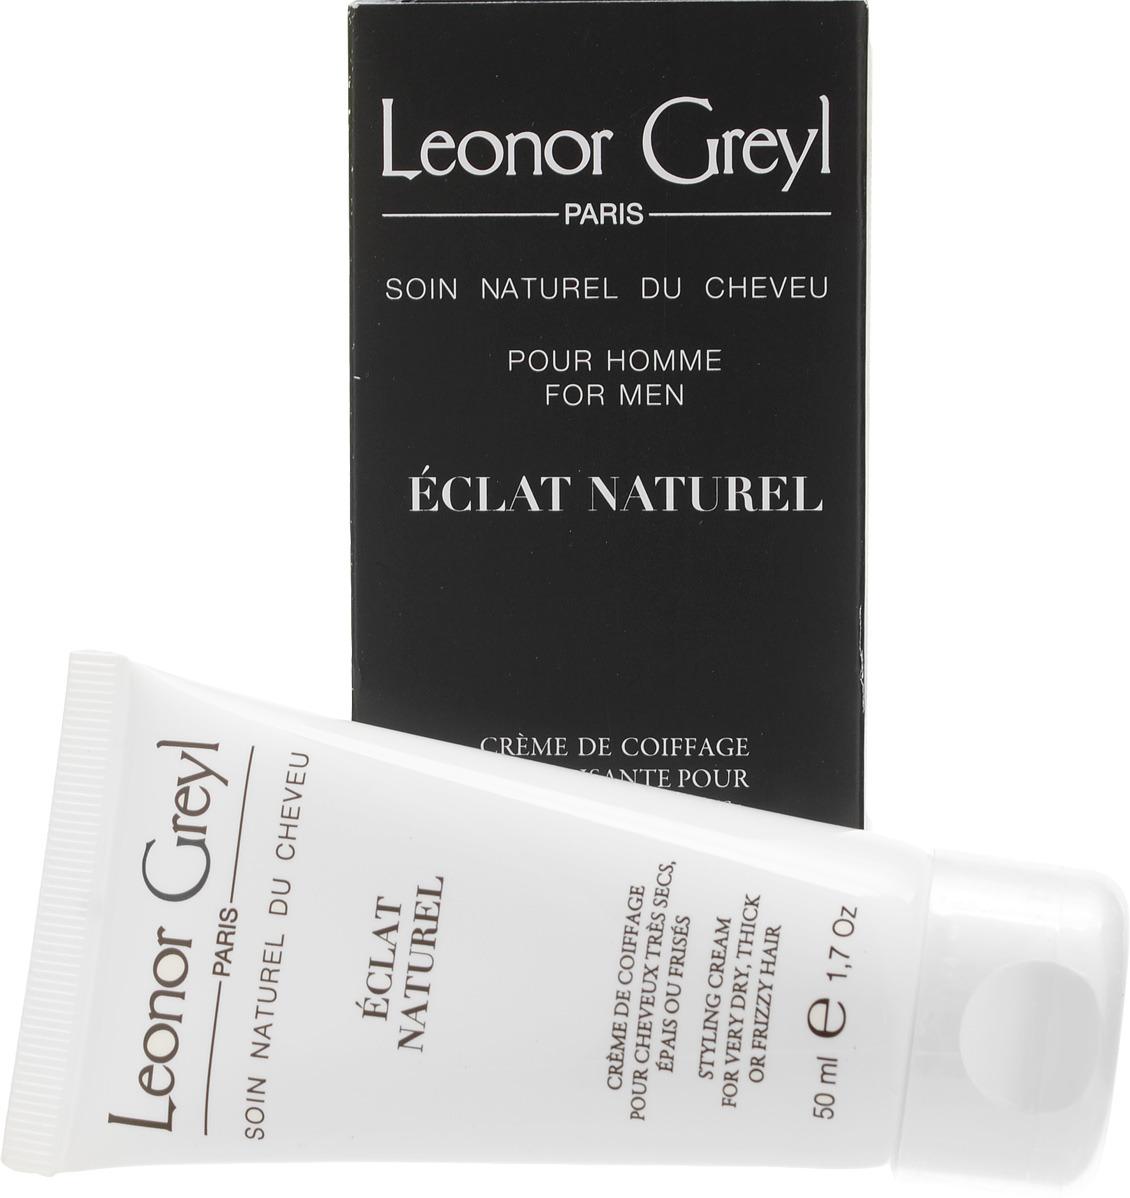 Мужской крем-блеск для волос Leonor Greyl, 50 мл leonor greyl восстанавливающий шампунь shampooing reviviscence 200 мл